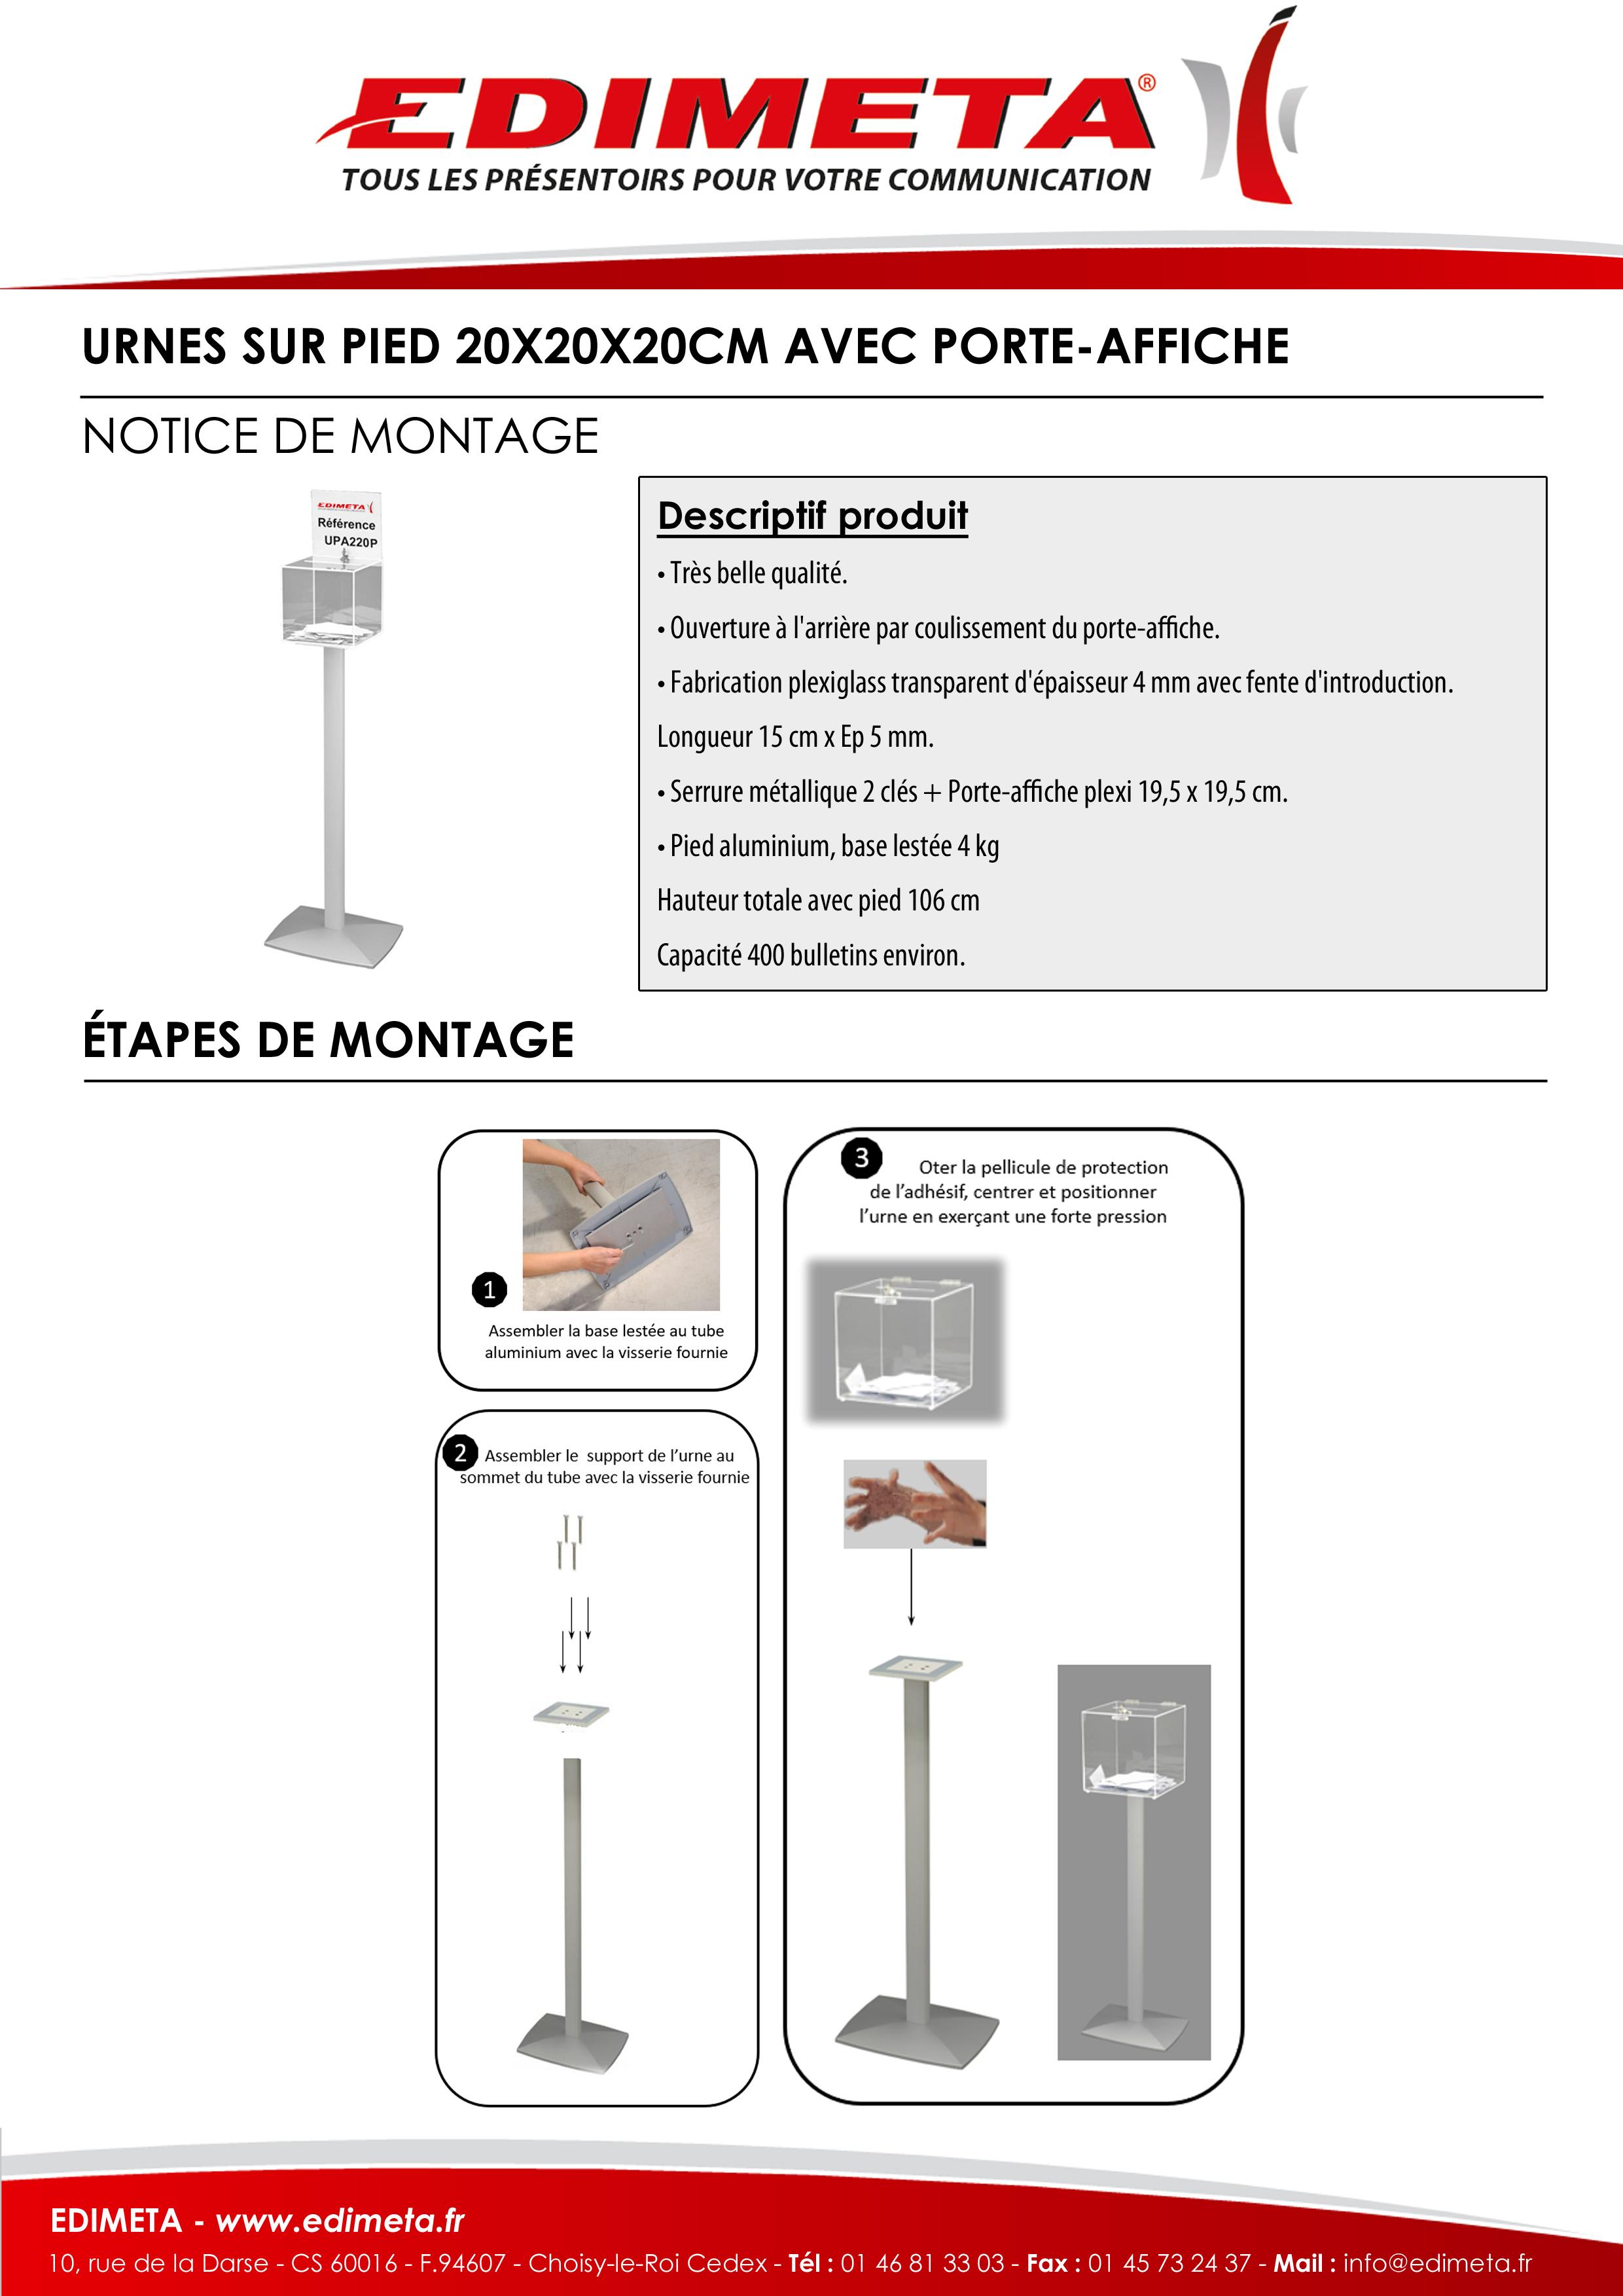 NOTICE DE MONTAGE : URNES SUR PIED 20X20X20CM AVEC PORTE-AFFICHE